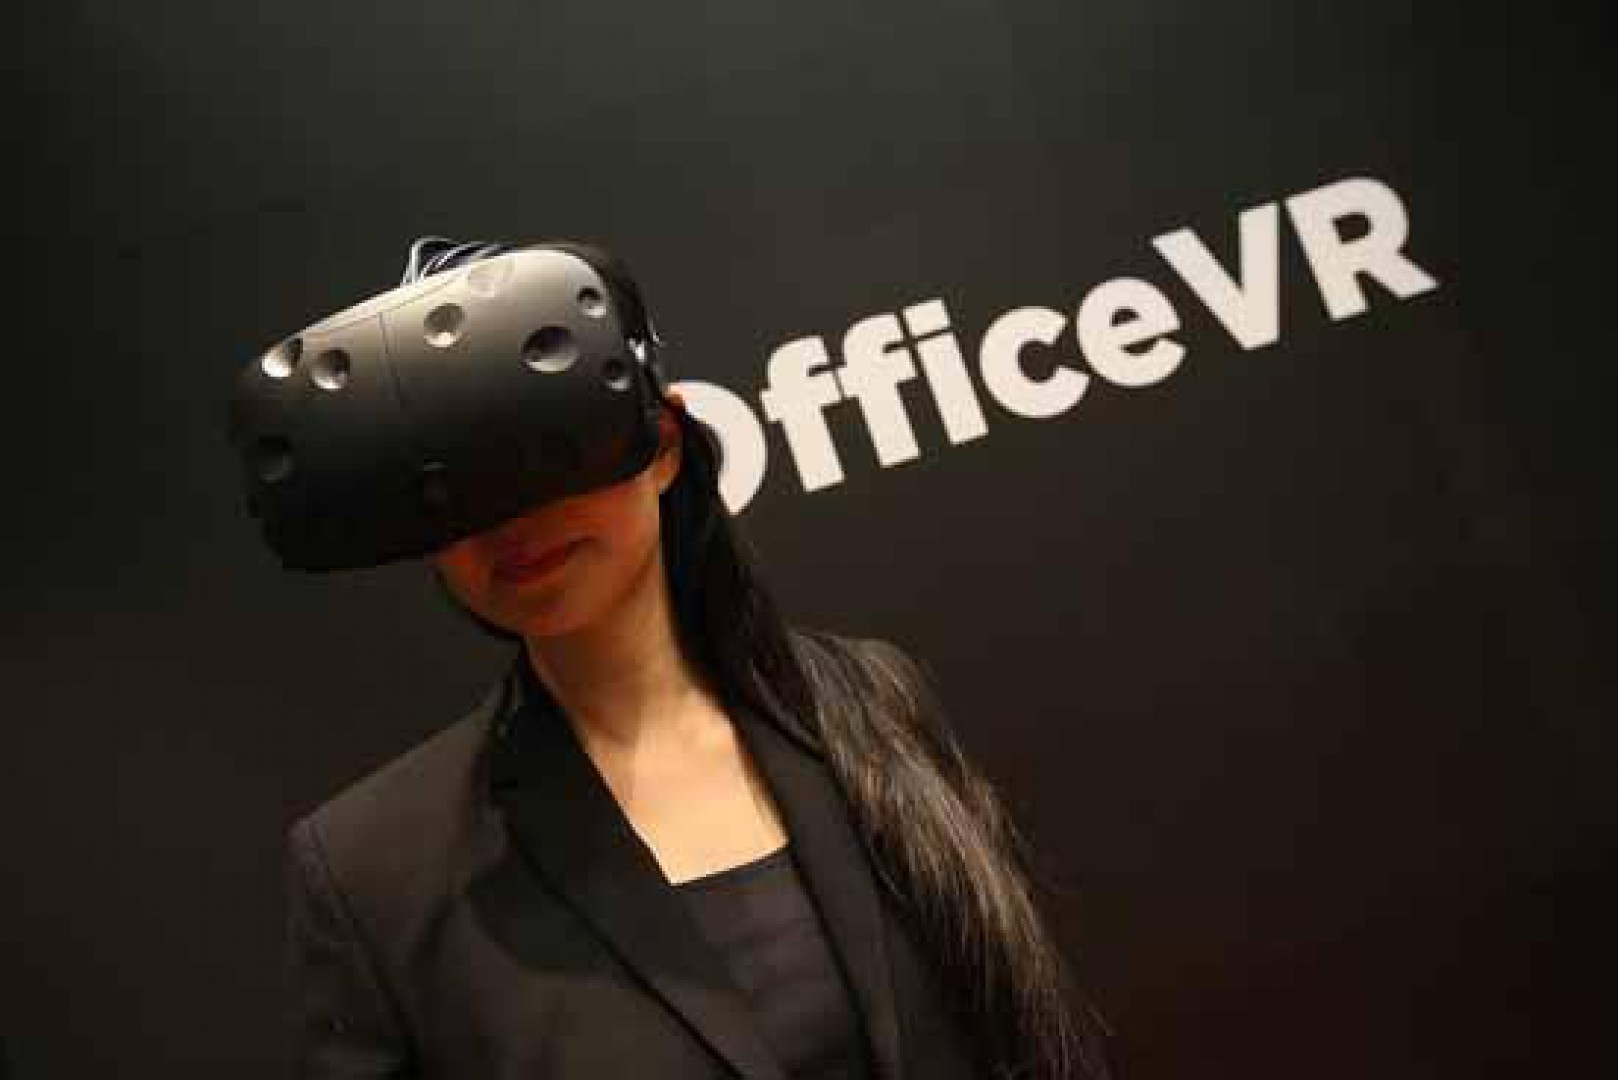 Aplikacja #OfficeVR wykorzystuje technologię rozszerzonej rzeczywistości. Fot. Grupa Nowy Styl